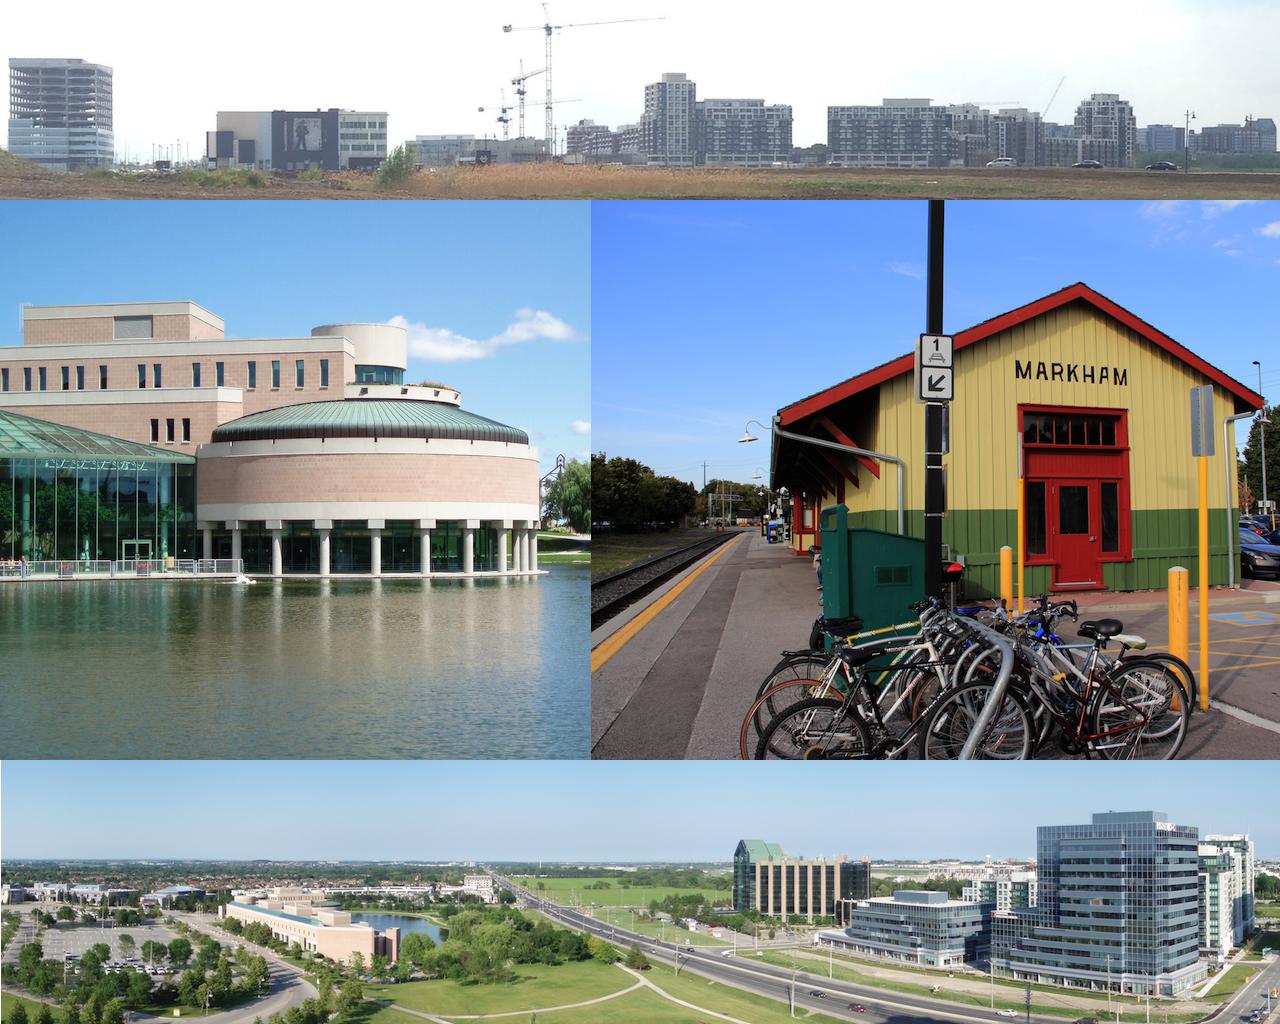 由上至下:万锦市市中心的天际线、万锦市市政府大楼、万锦火车站、万锦中心地带一览